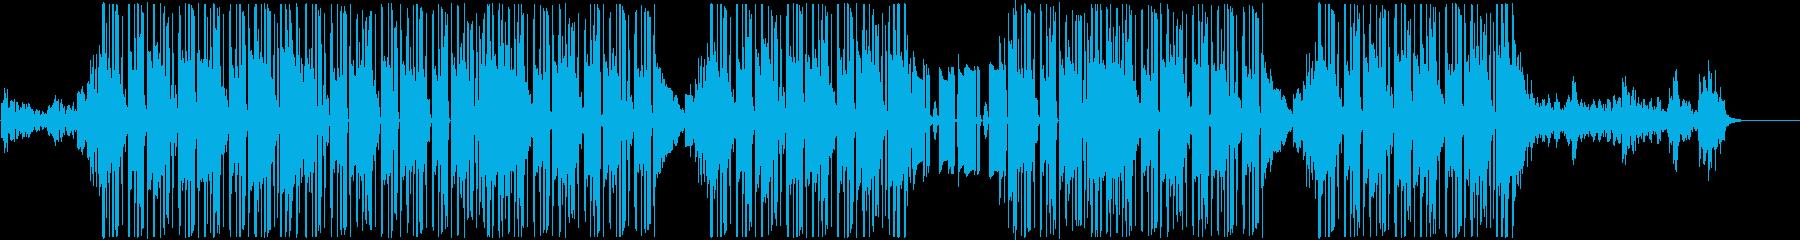 R&B、チルアウト、90sビート♪の再生済みの波形